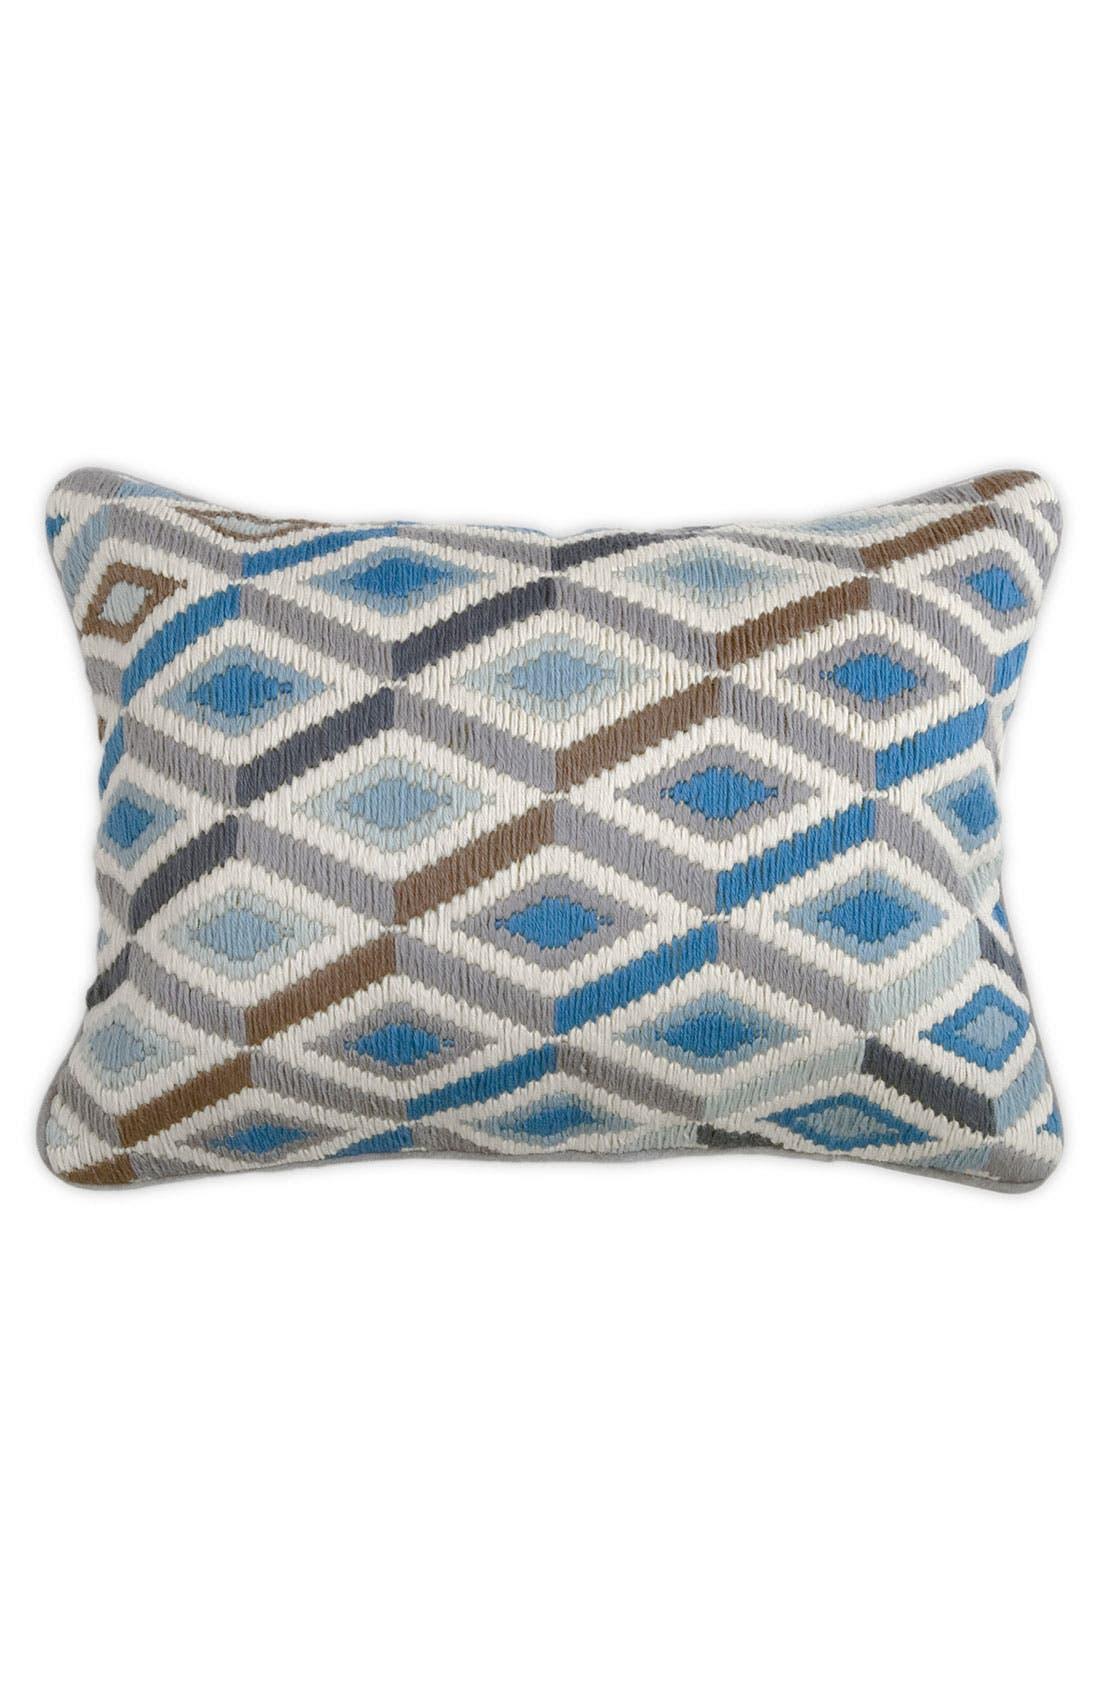 Alternate Image 1 Selected - Jonathan Adler 'Diamonds' Pillow